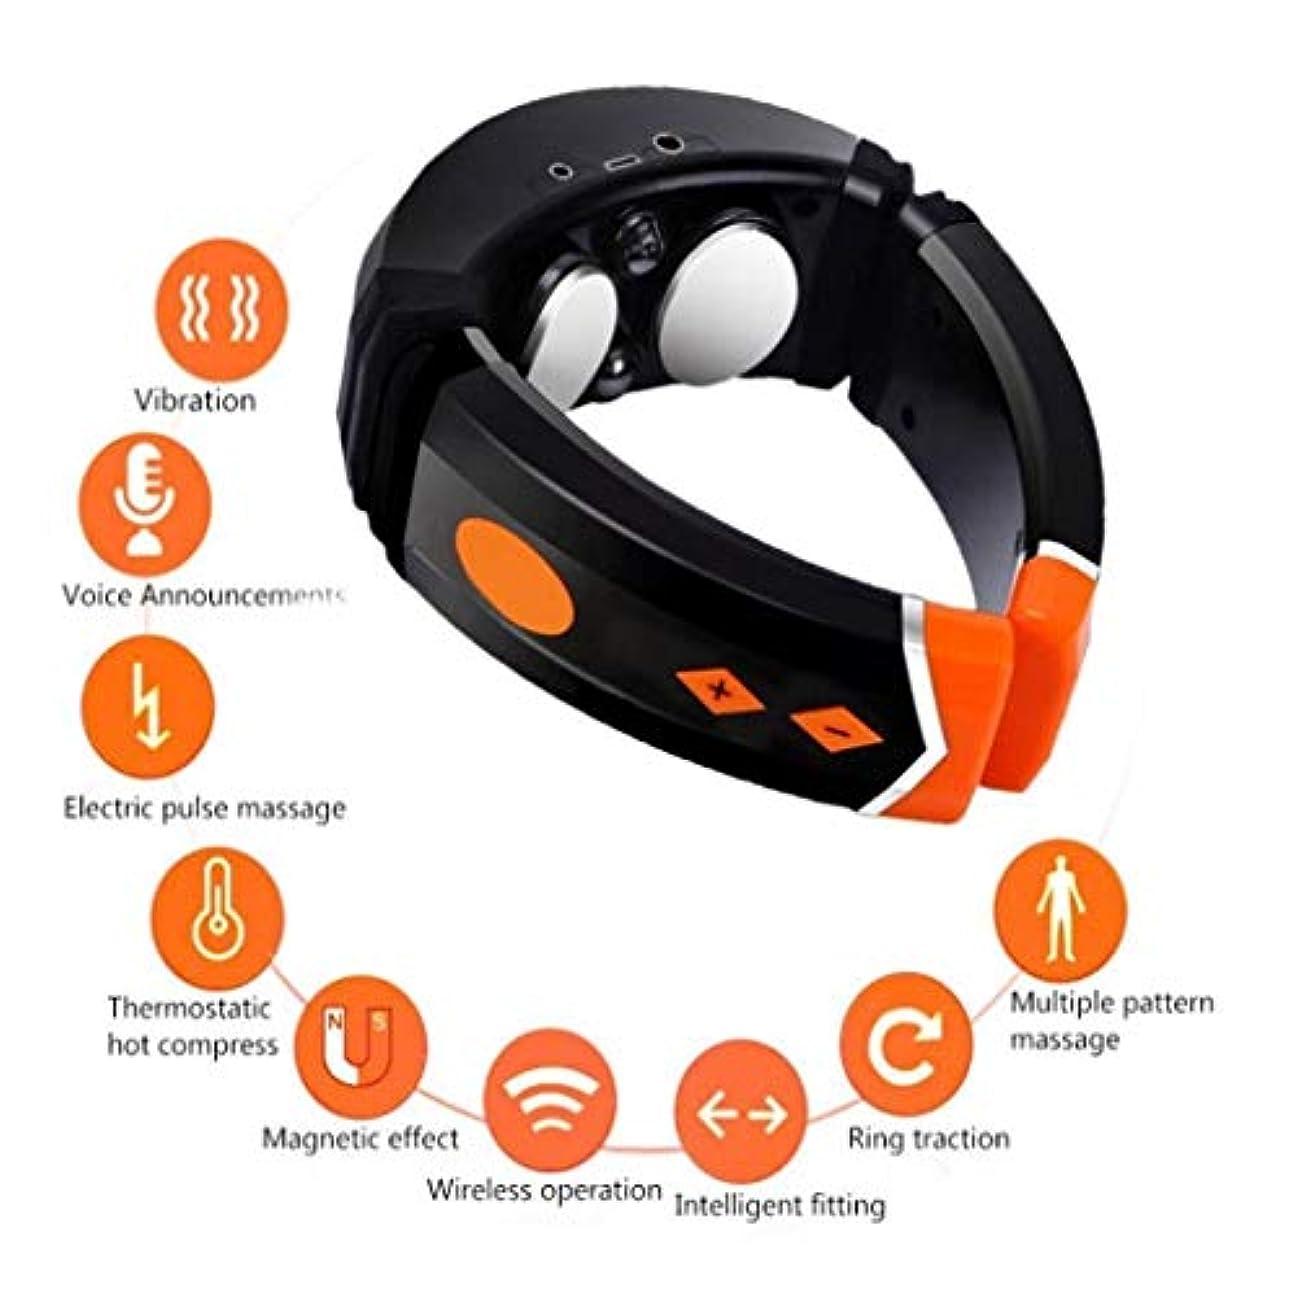 節約強大な歌首のマッサージャー、3D首のマッサージャー、ストレスや痛みを和らげる暖房/音声放送/Bluetooth音楽/多機能マッサージ